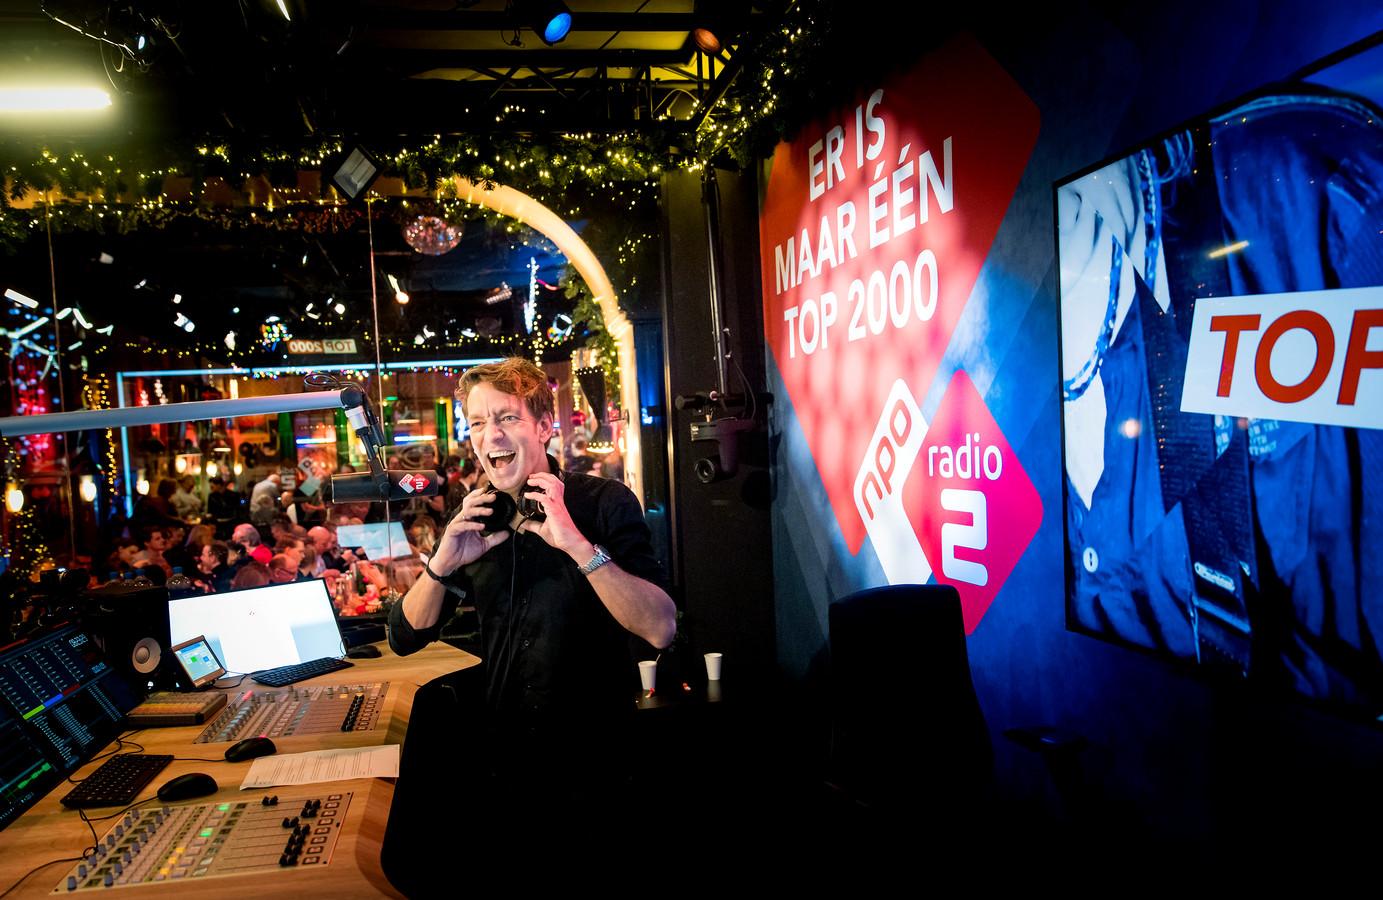 Jan-Willem Roodbeen in een vol Top 2000 Café.